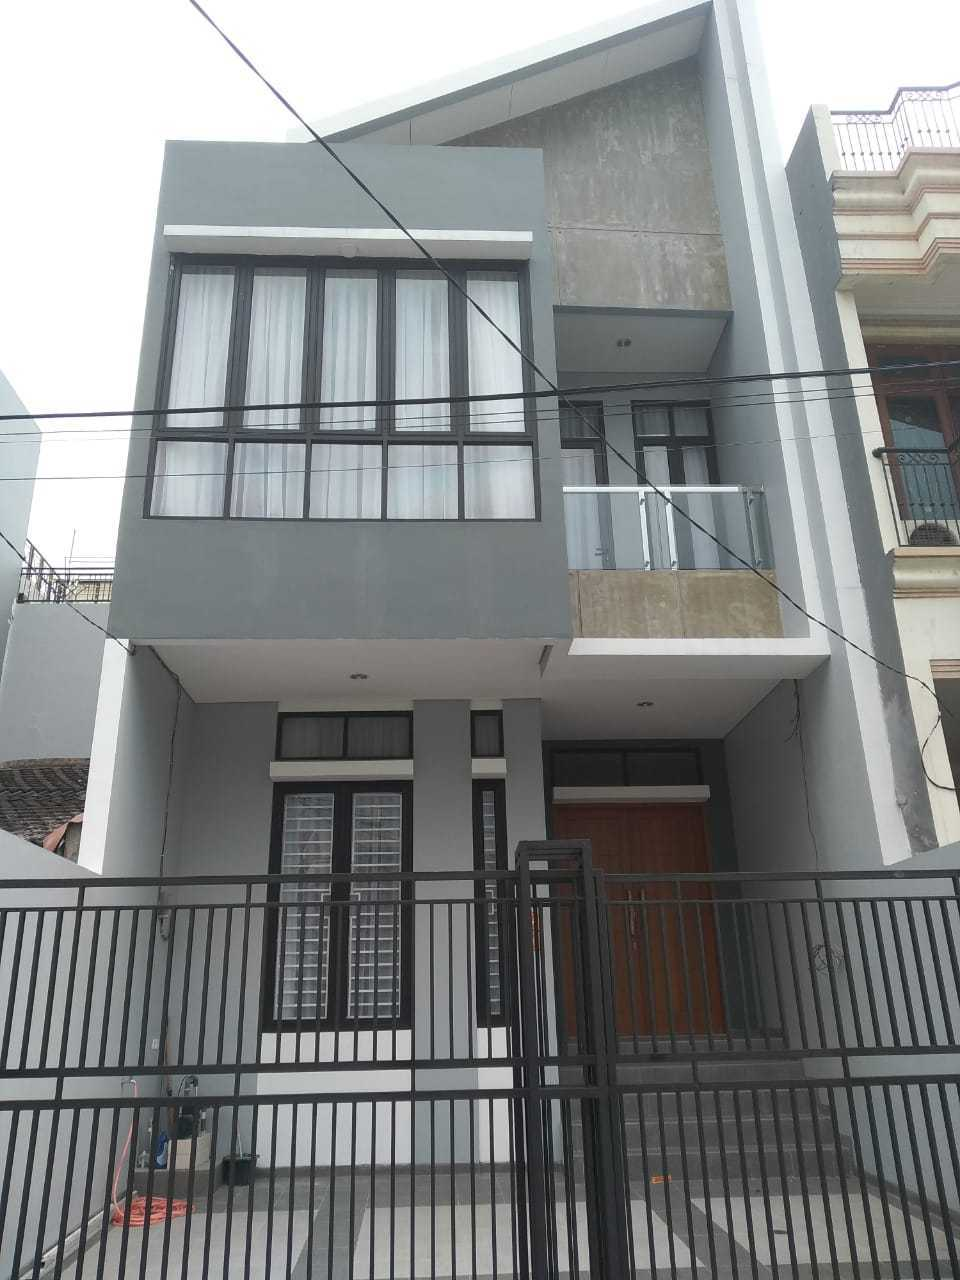 Jasa Design and Build Arteca Architect di Bandar Lampung